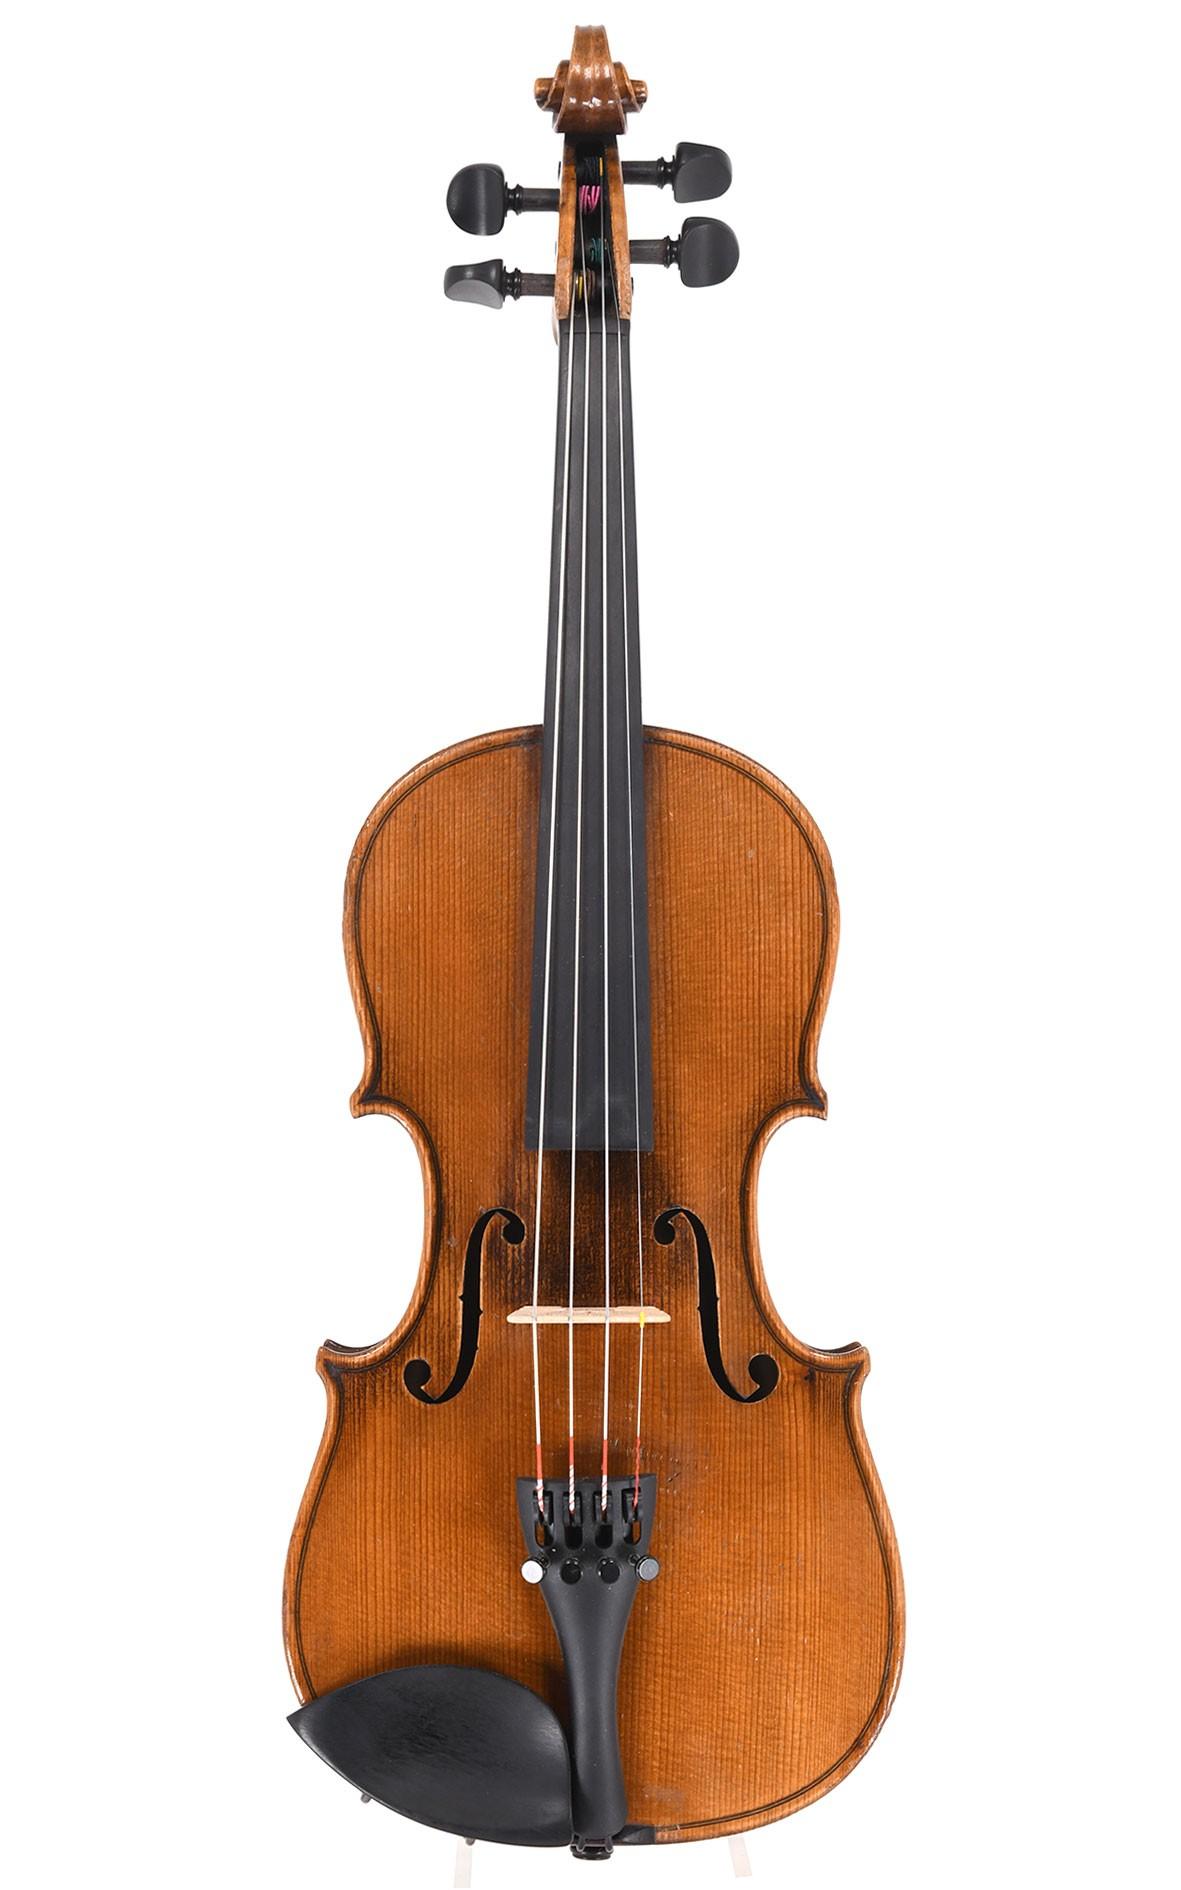 Antique German 1/2 violin from Markneukirchen